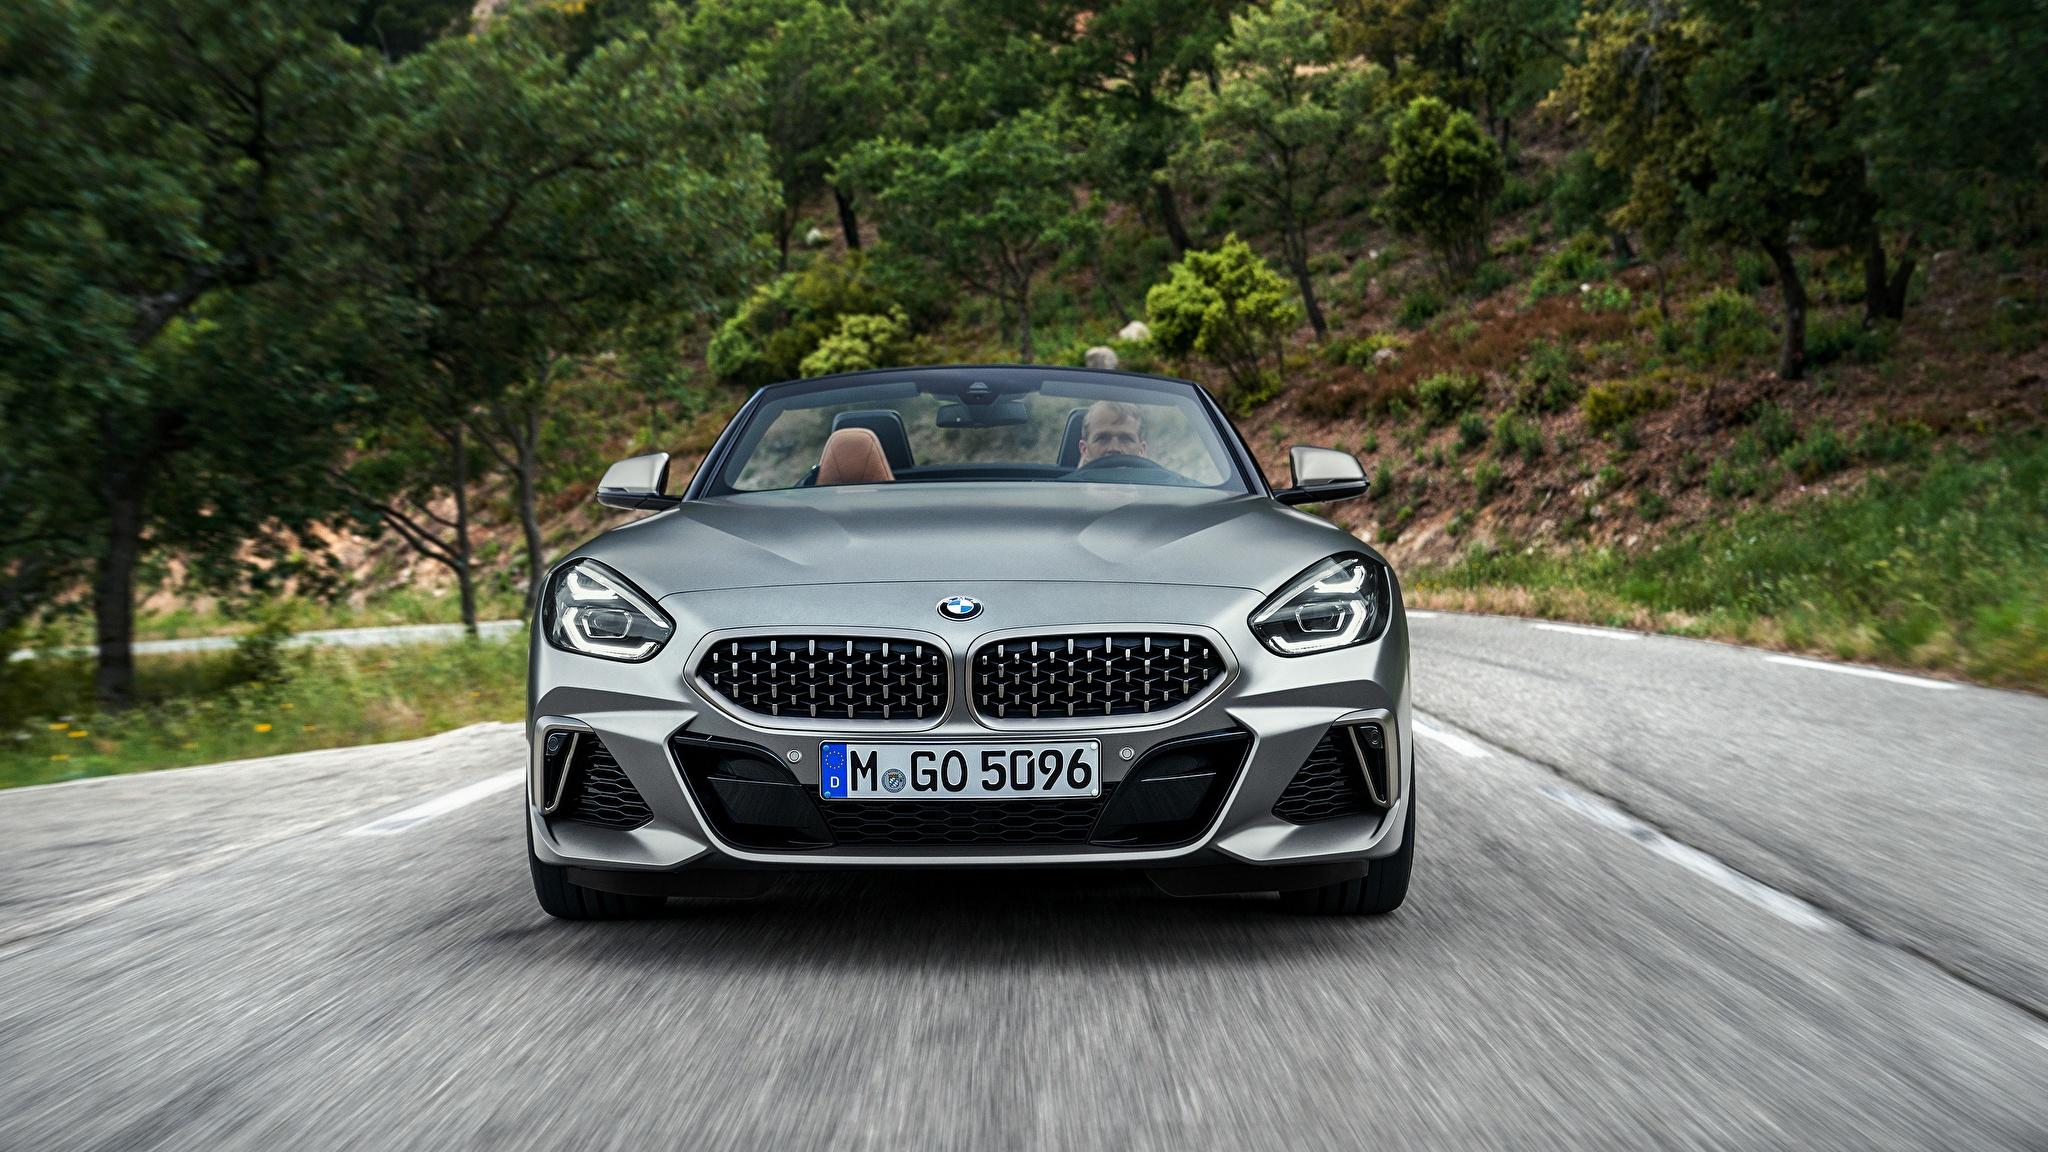 Фото BMW Z4 M40i 2019 G29 Родстер Движение Спереди Автомобили 2048x1152 БМВ едущий скорость Авто Машины